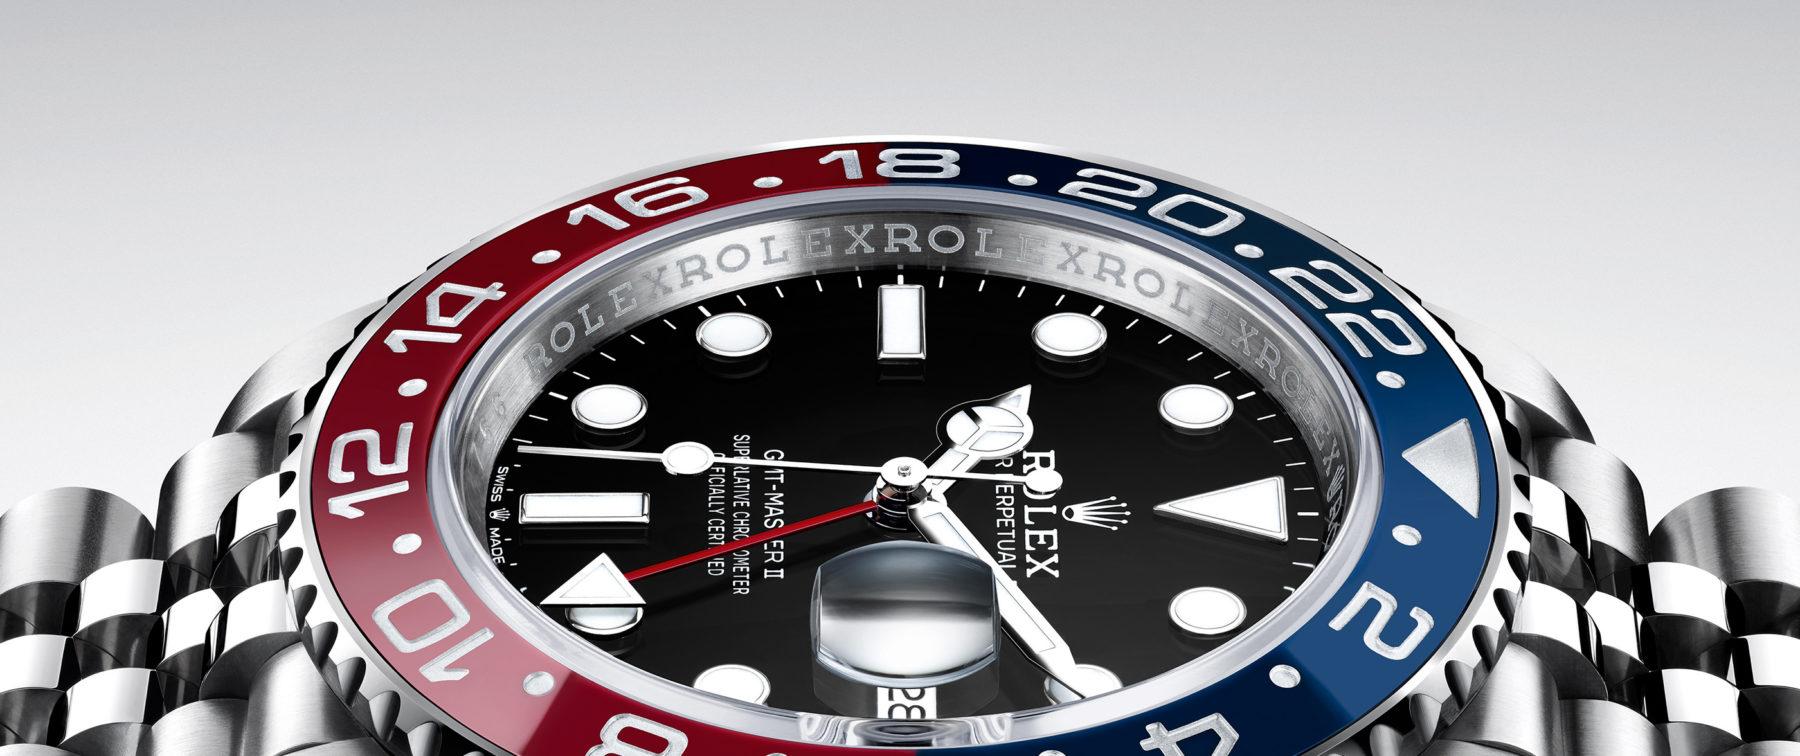 یک مدل ساعت GMT شرکت رولکس